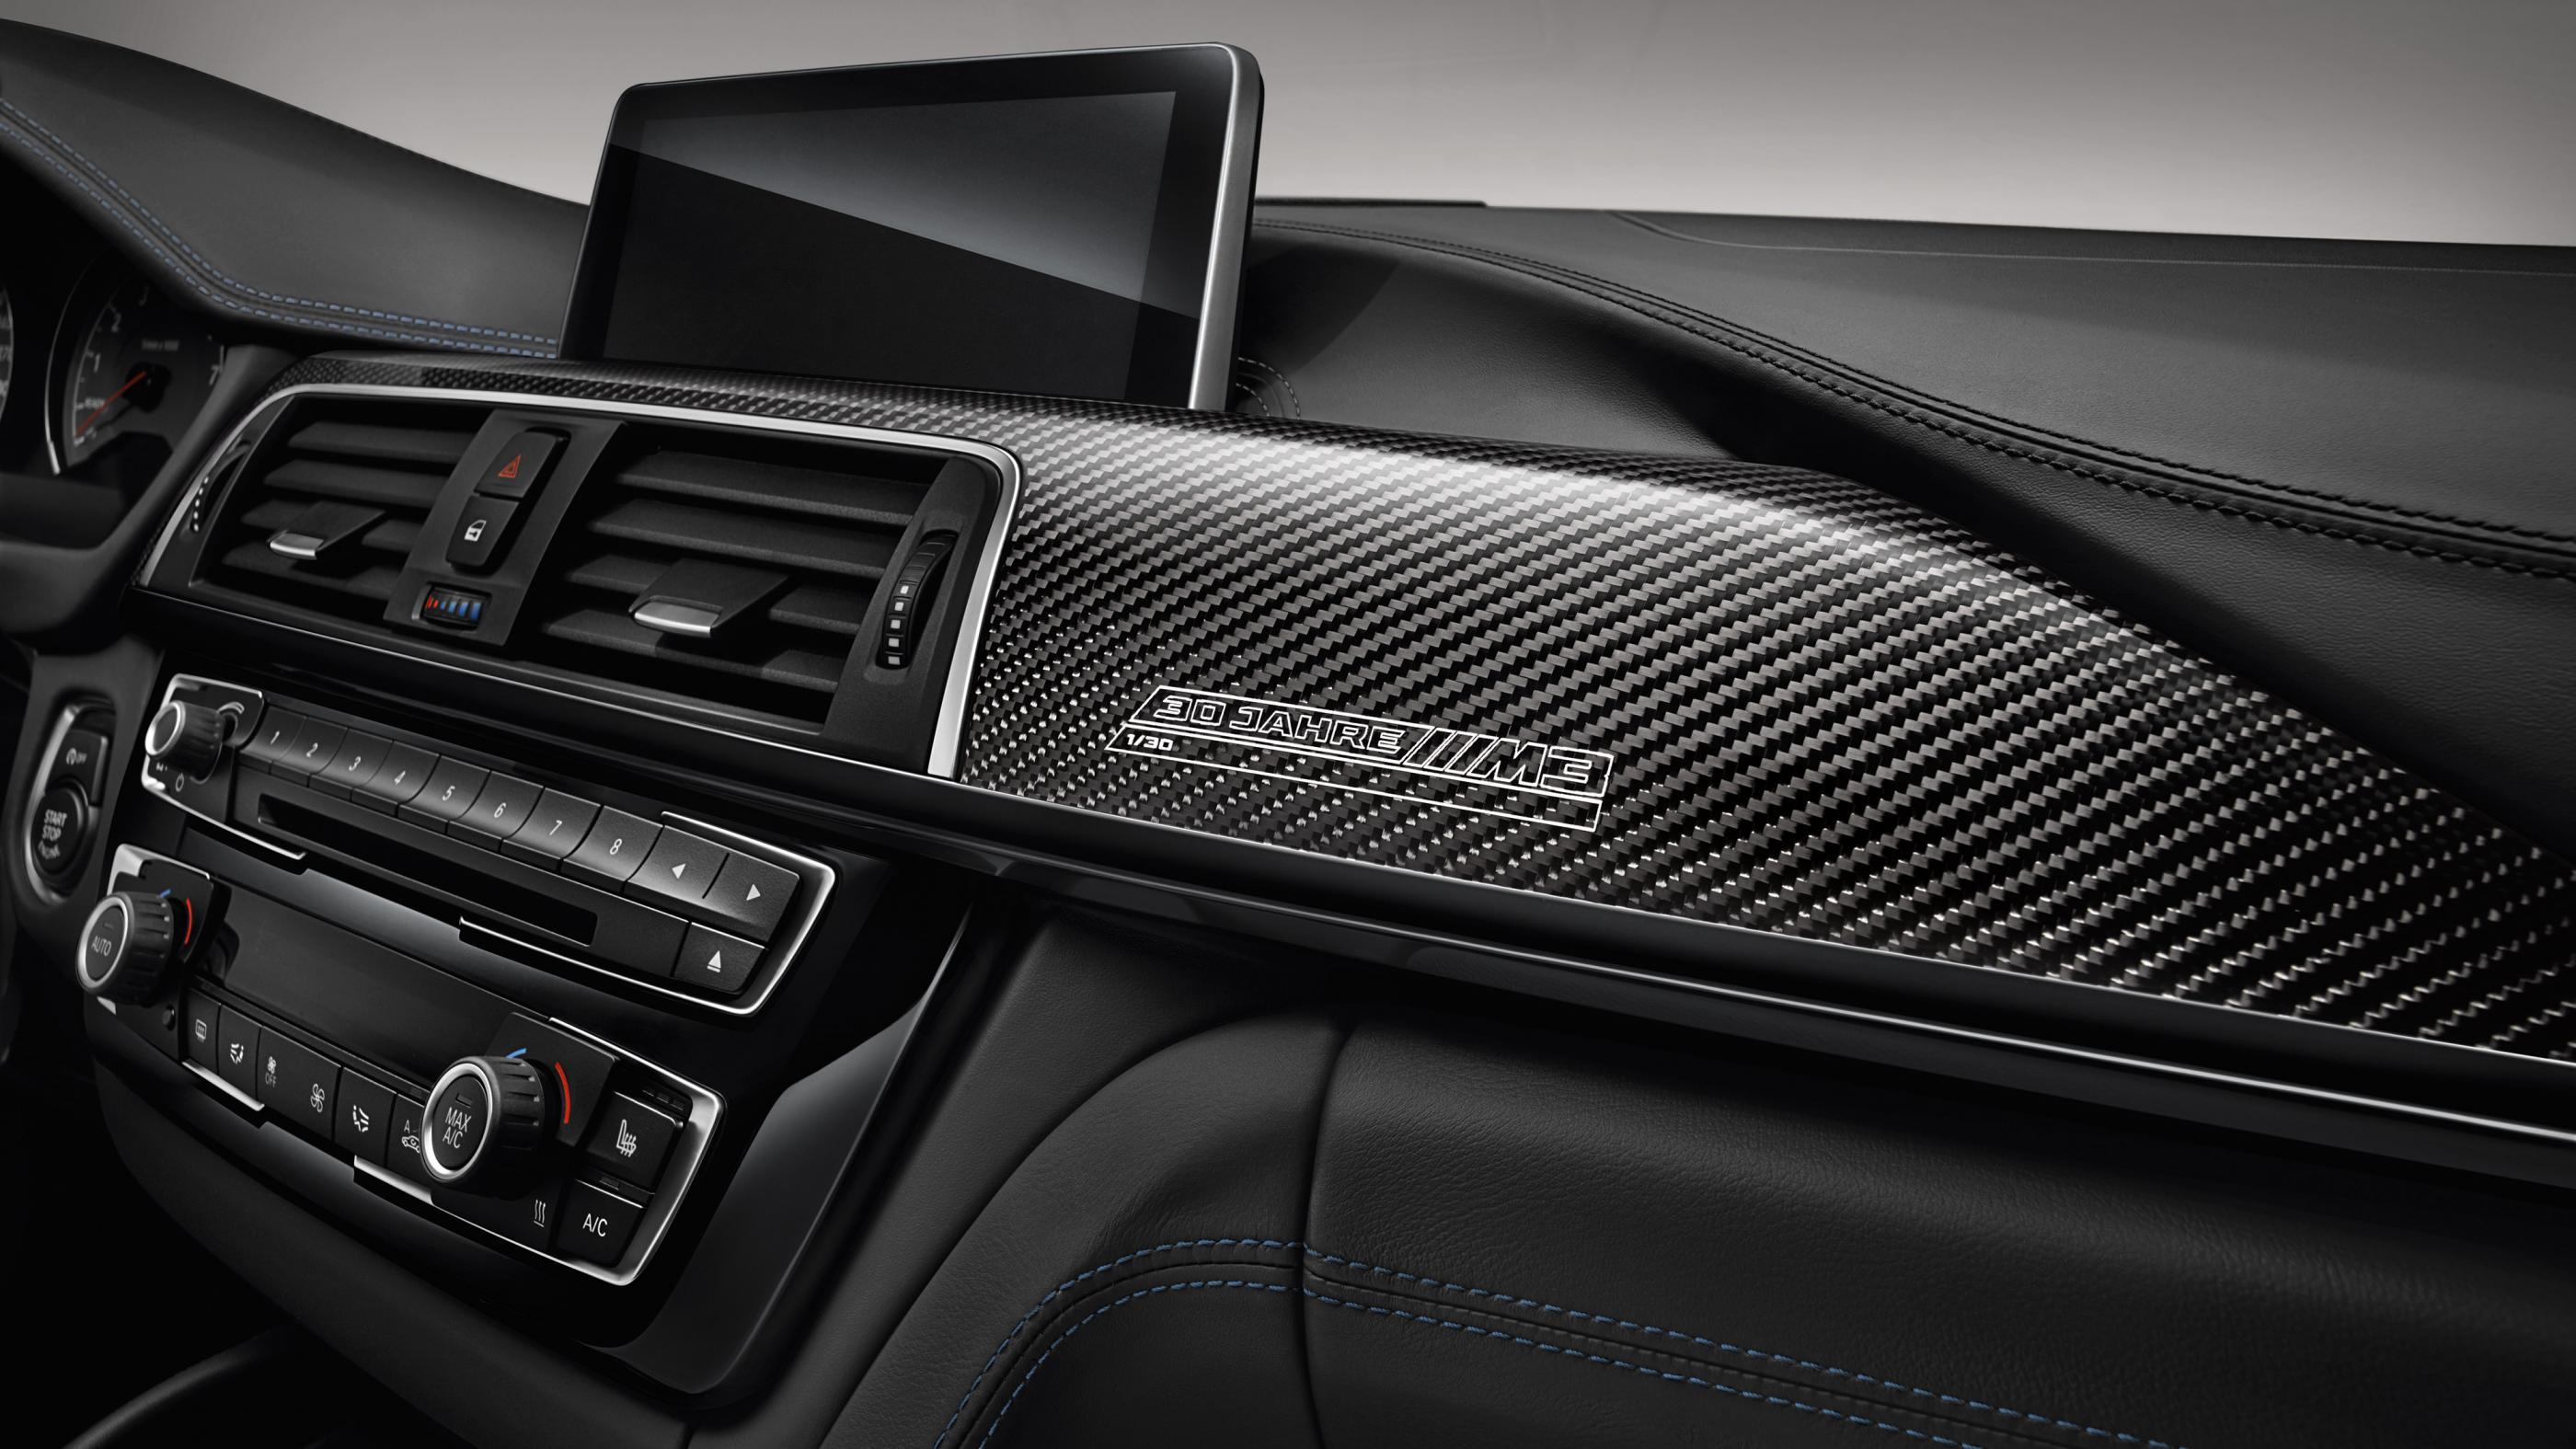 BMW M3 '30 Jahre': 500 unidades para celebrar el 30 aniversario 9